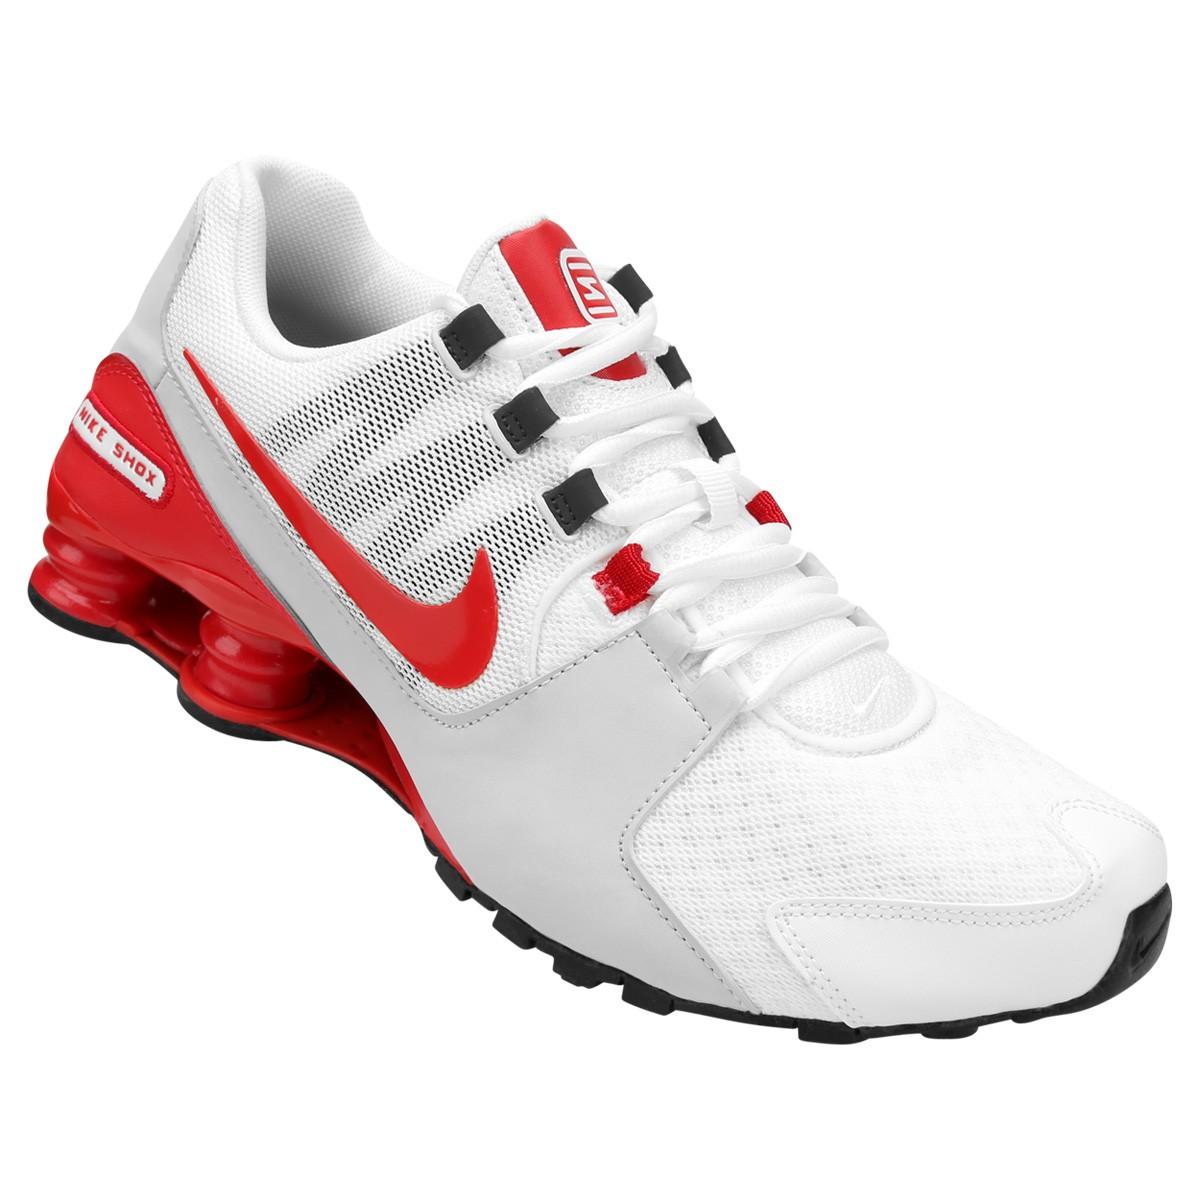 Tênis Nike Shox Avenue 833583-106 - Branco Vermelho - Calçados ... c7e7c62a4b99